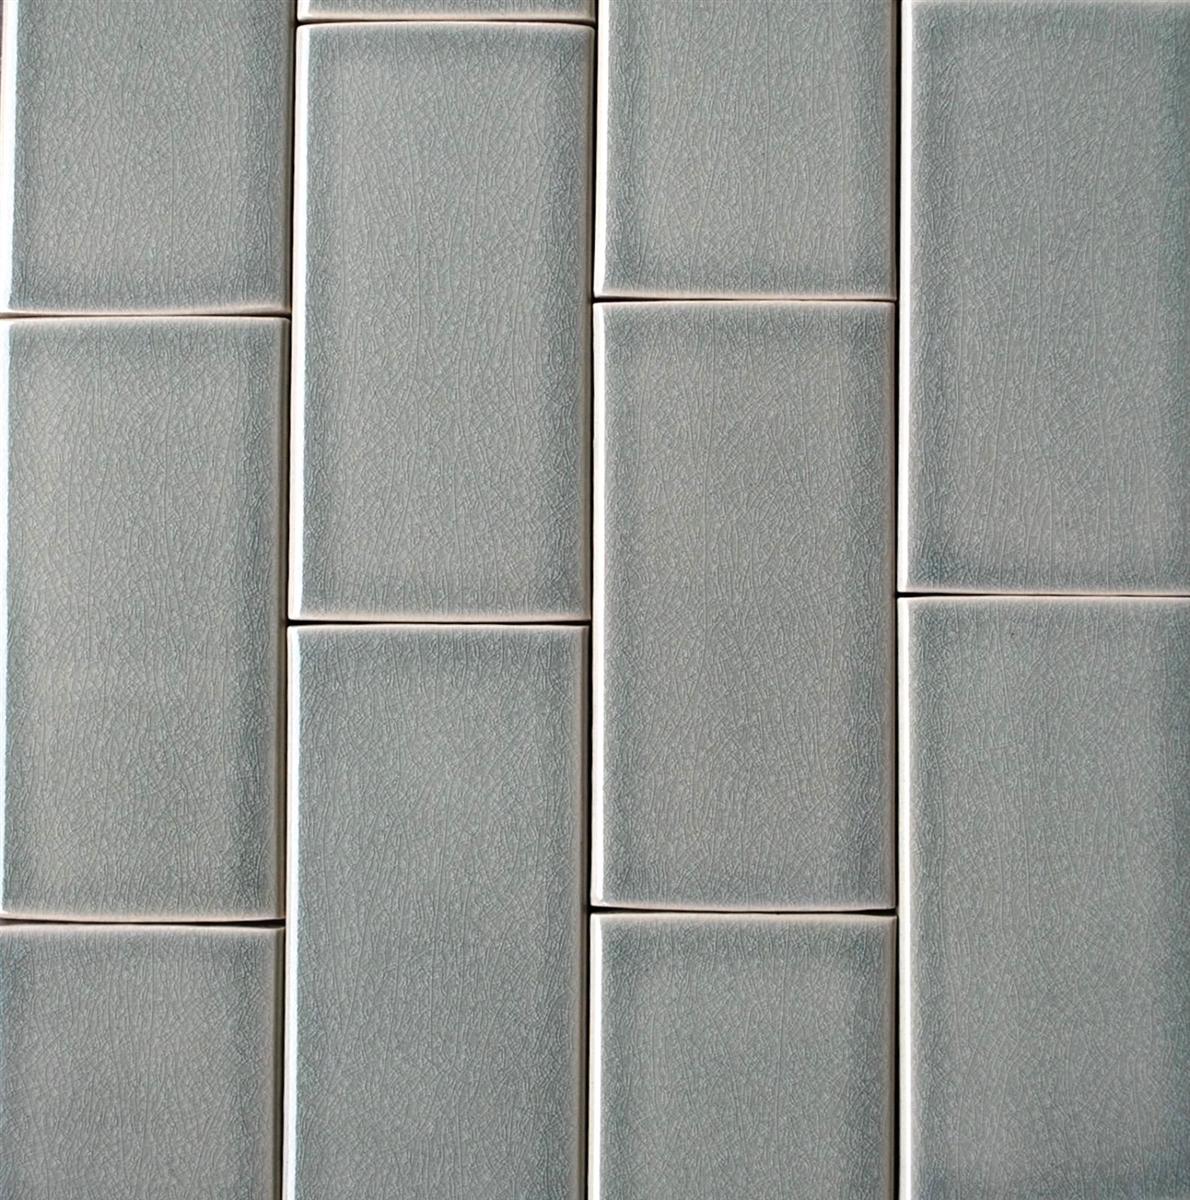 3x6 Mist Green Handmade Glossy Finish Crackled Ceramic Tile